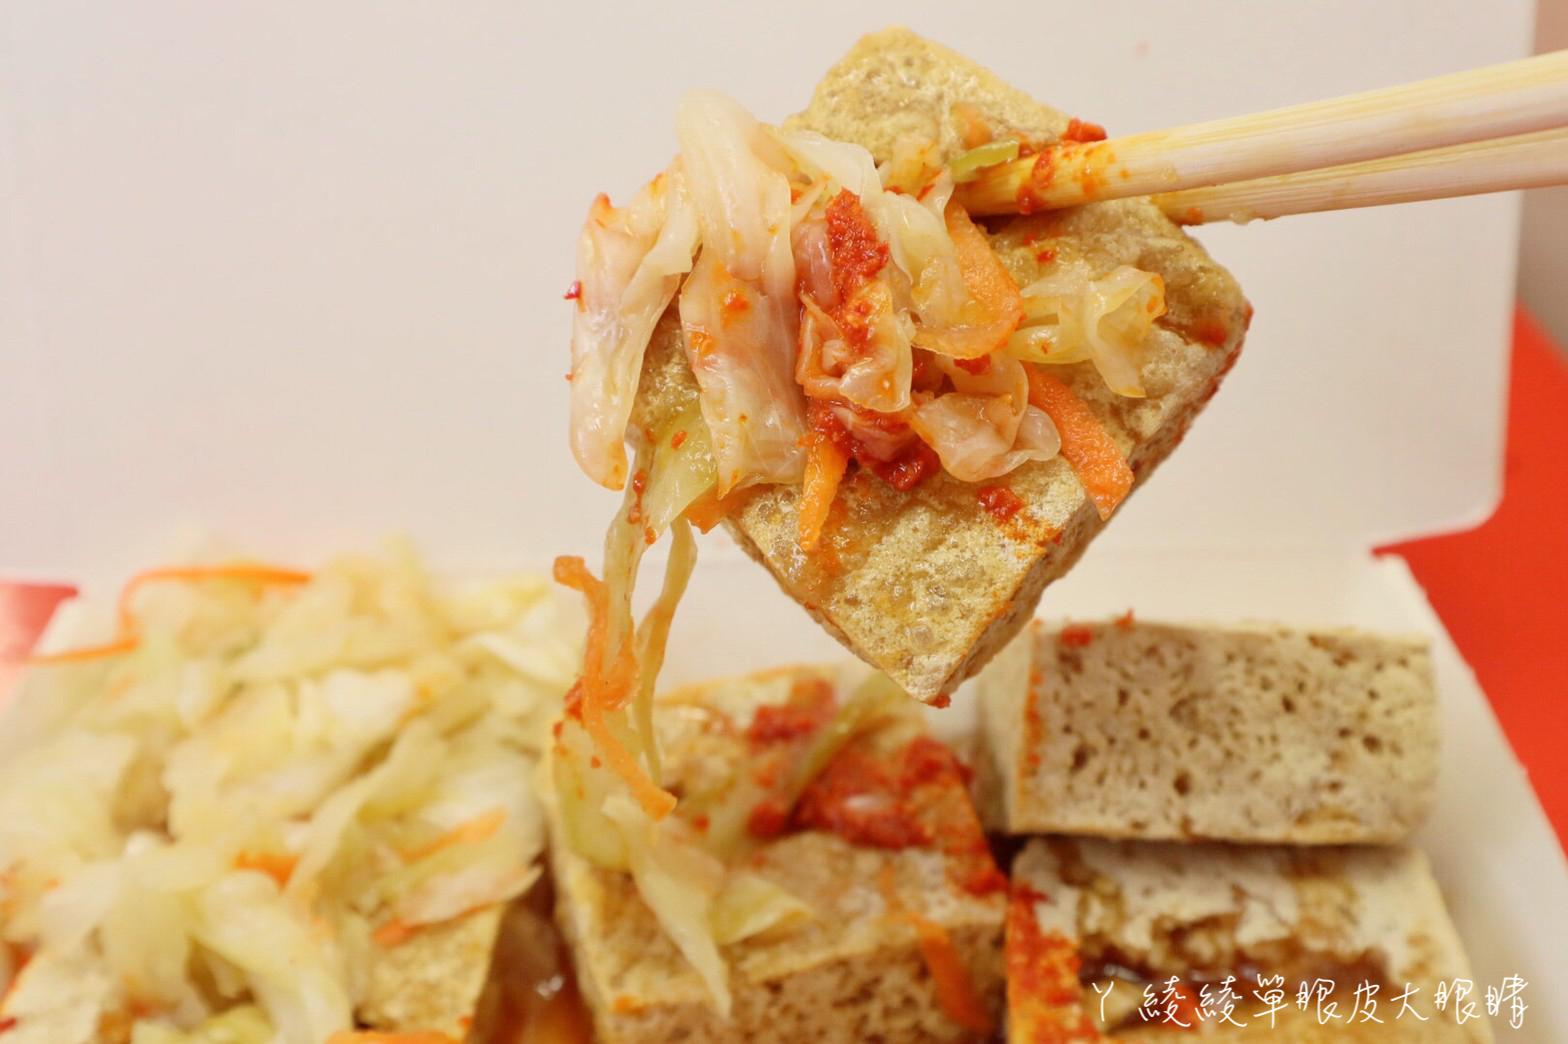 新竹人吃什麼?精選5家一吃再吃回頭率100%的銅板美食!美食沙漠裡的綠洲